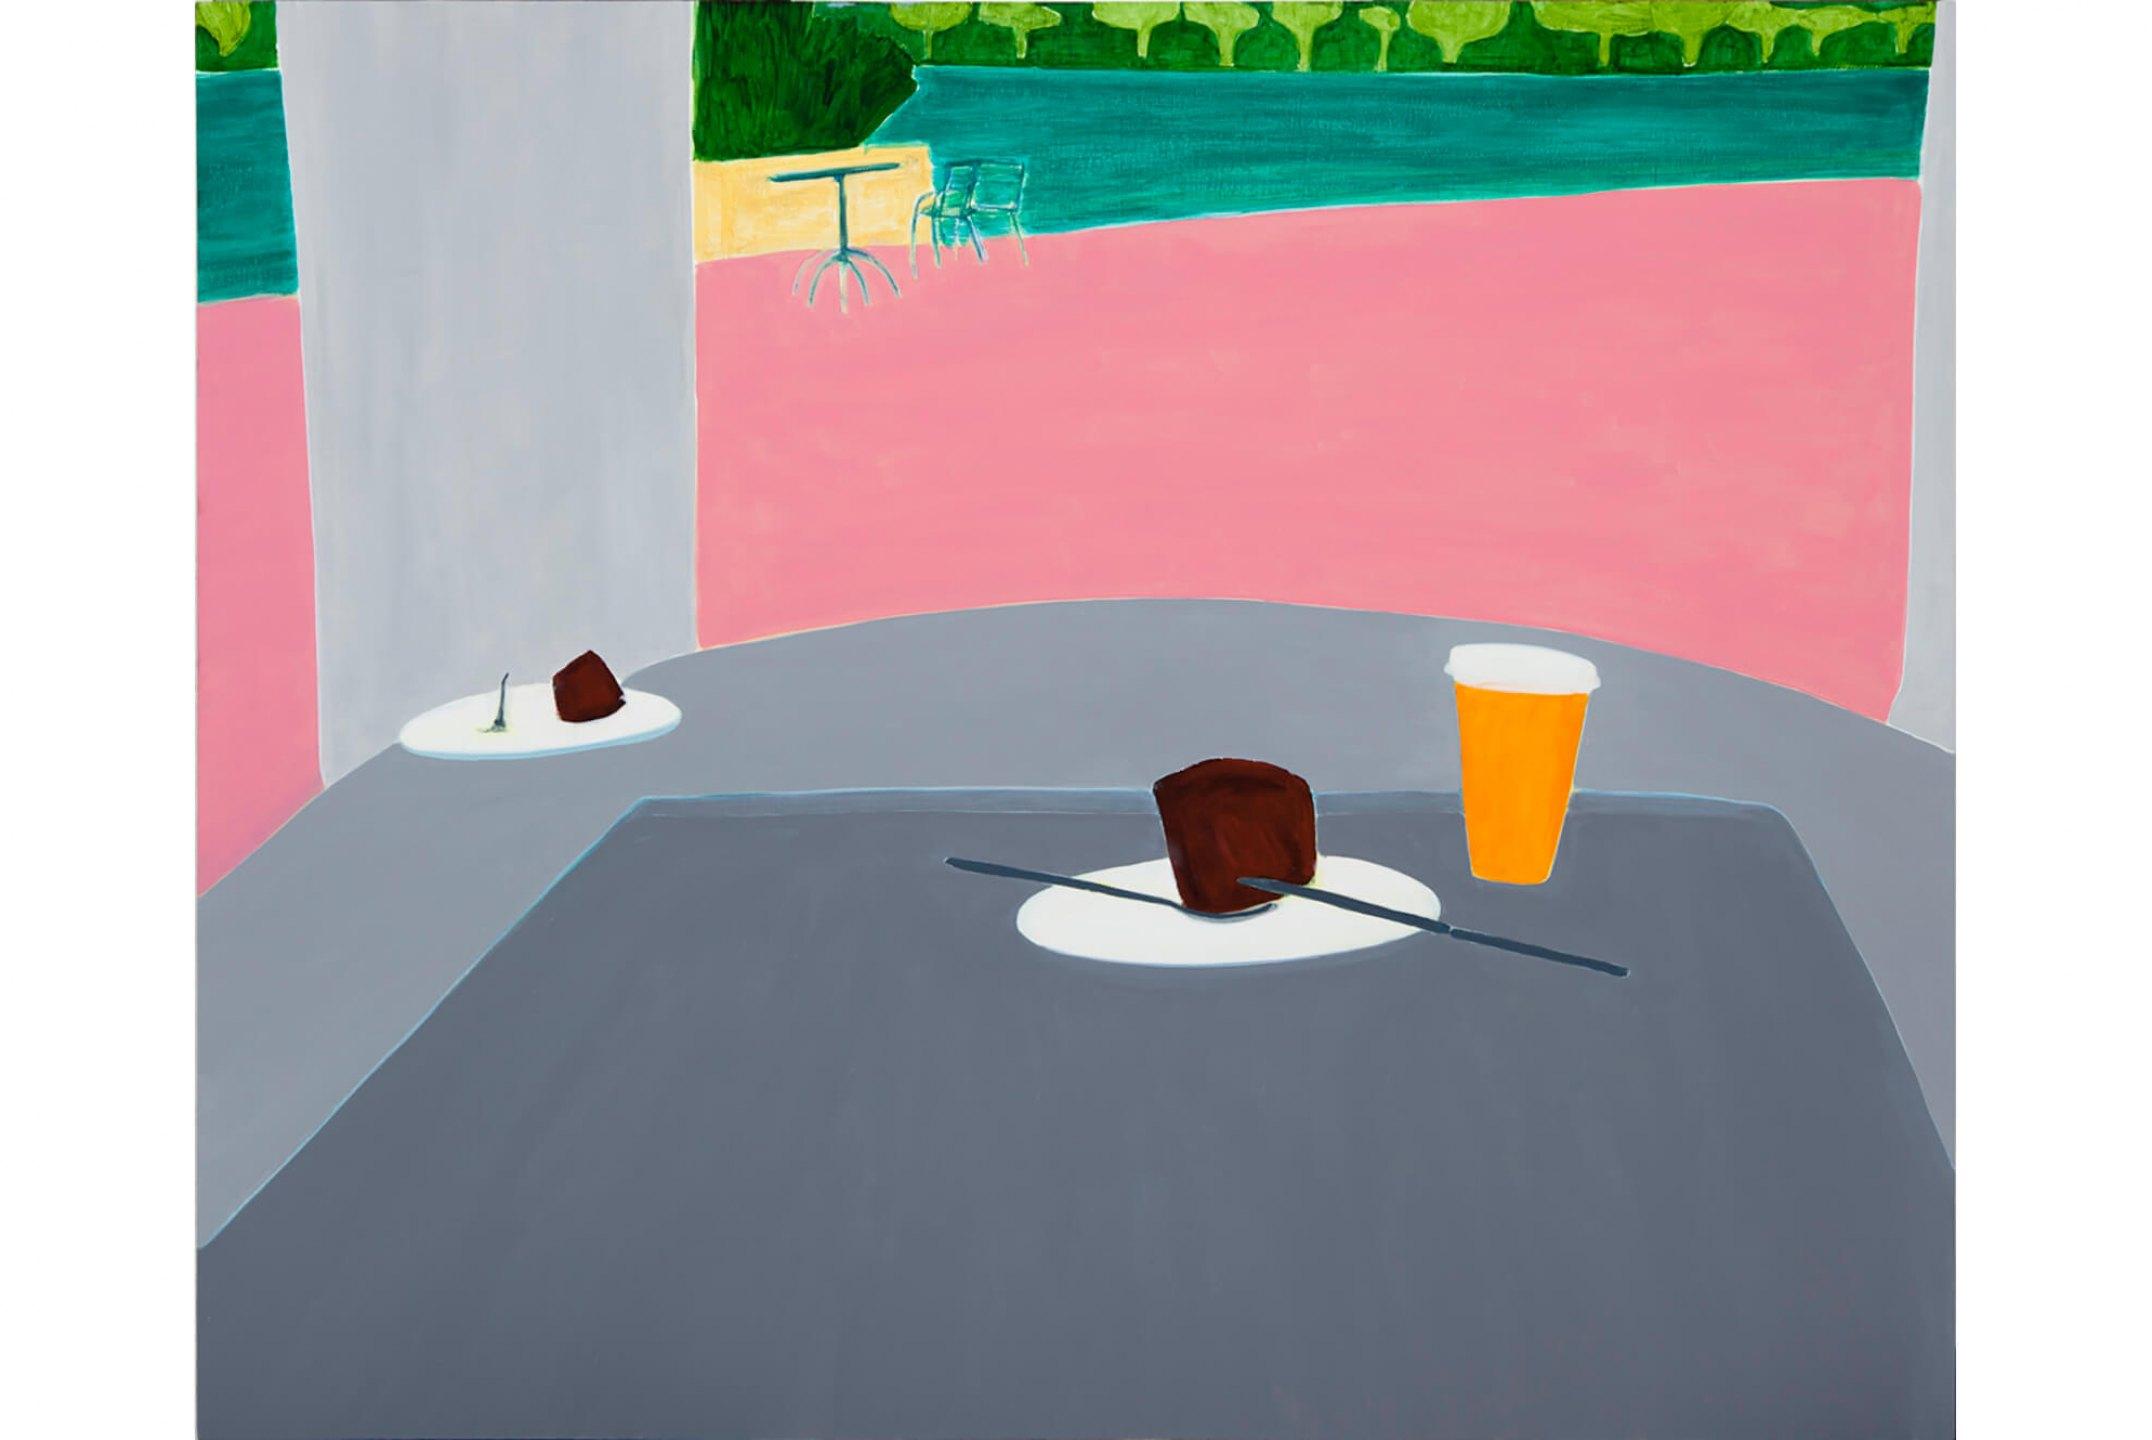 Patricia Leite, <em>Lanche,</em>2012, oil on wood, 90 × 110 cm - Mendes Wood DM